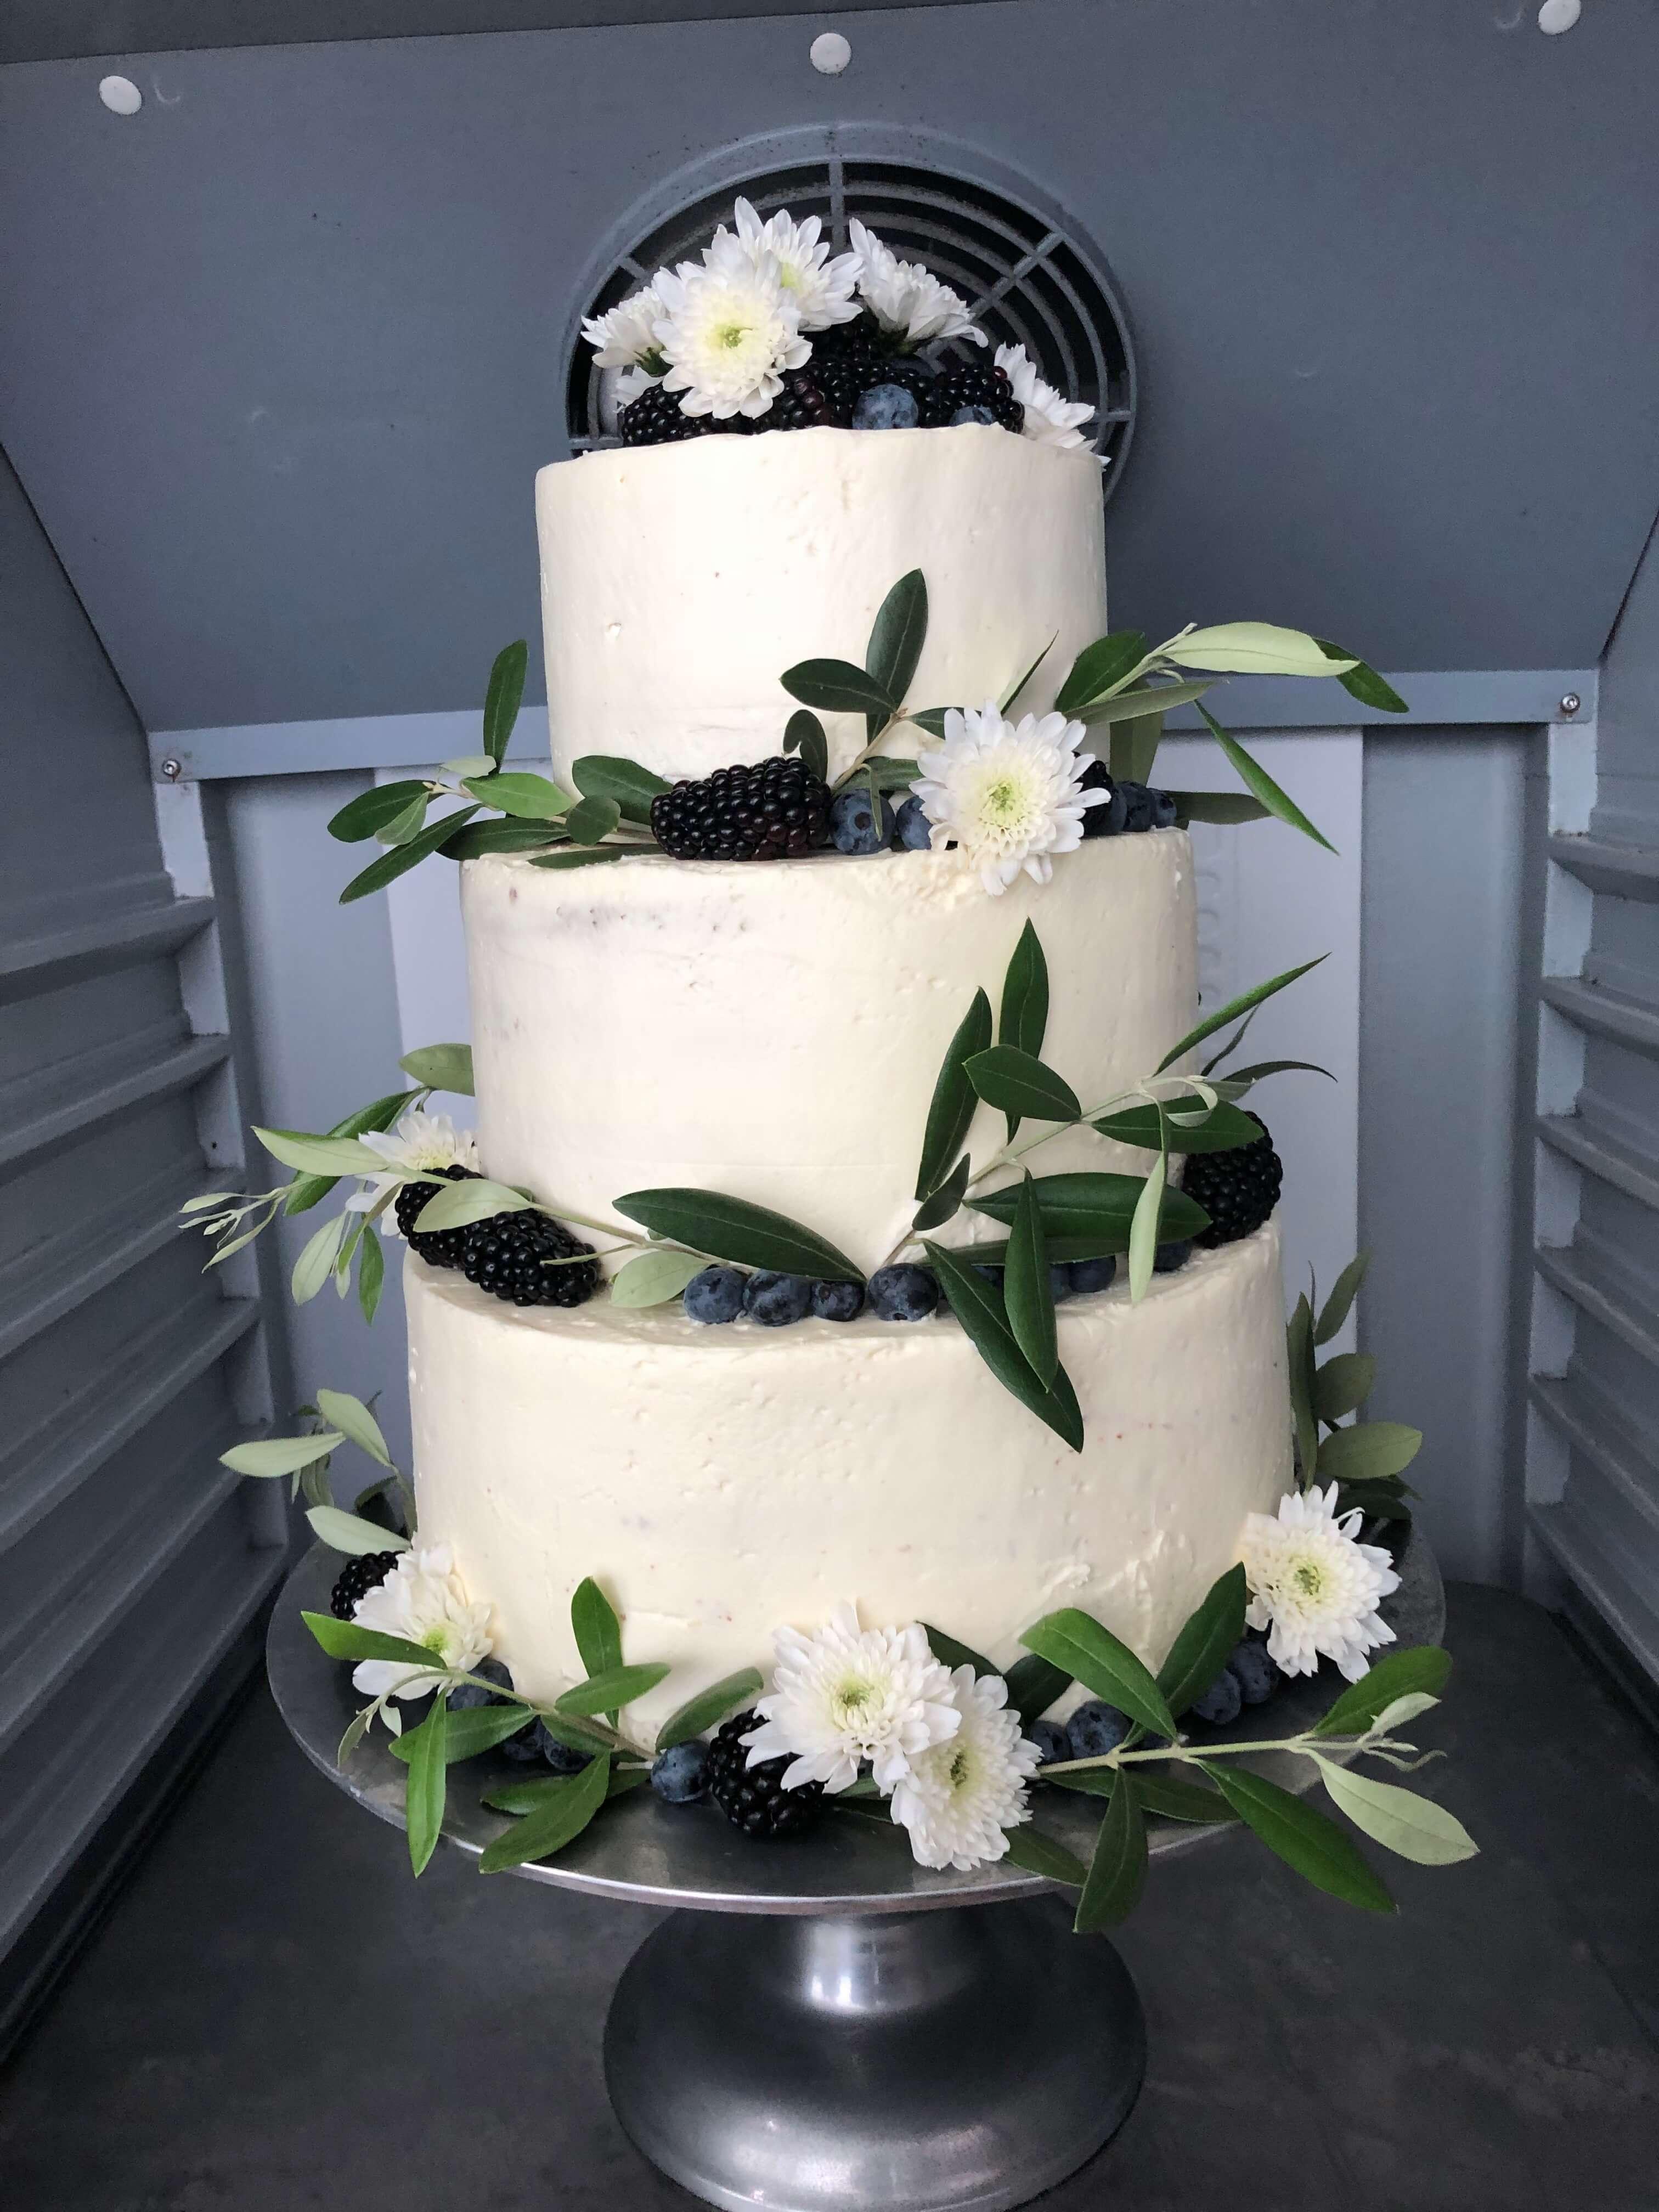 Tarta  boda coruña ayer cake tarta boda desnuda coruña tarta boda